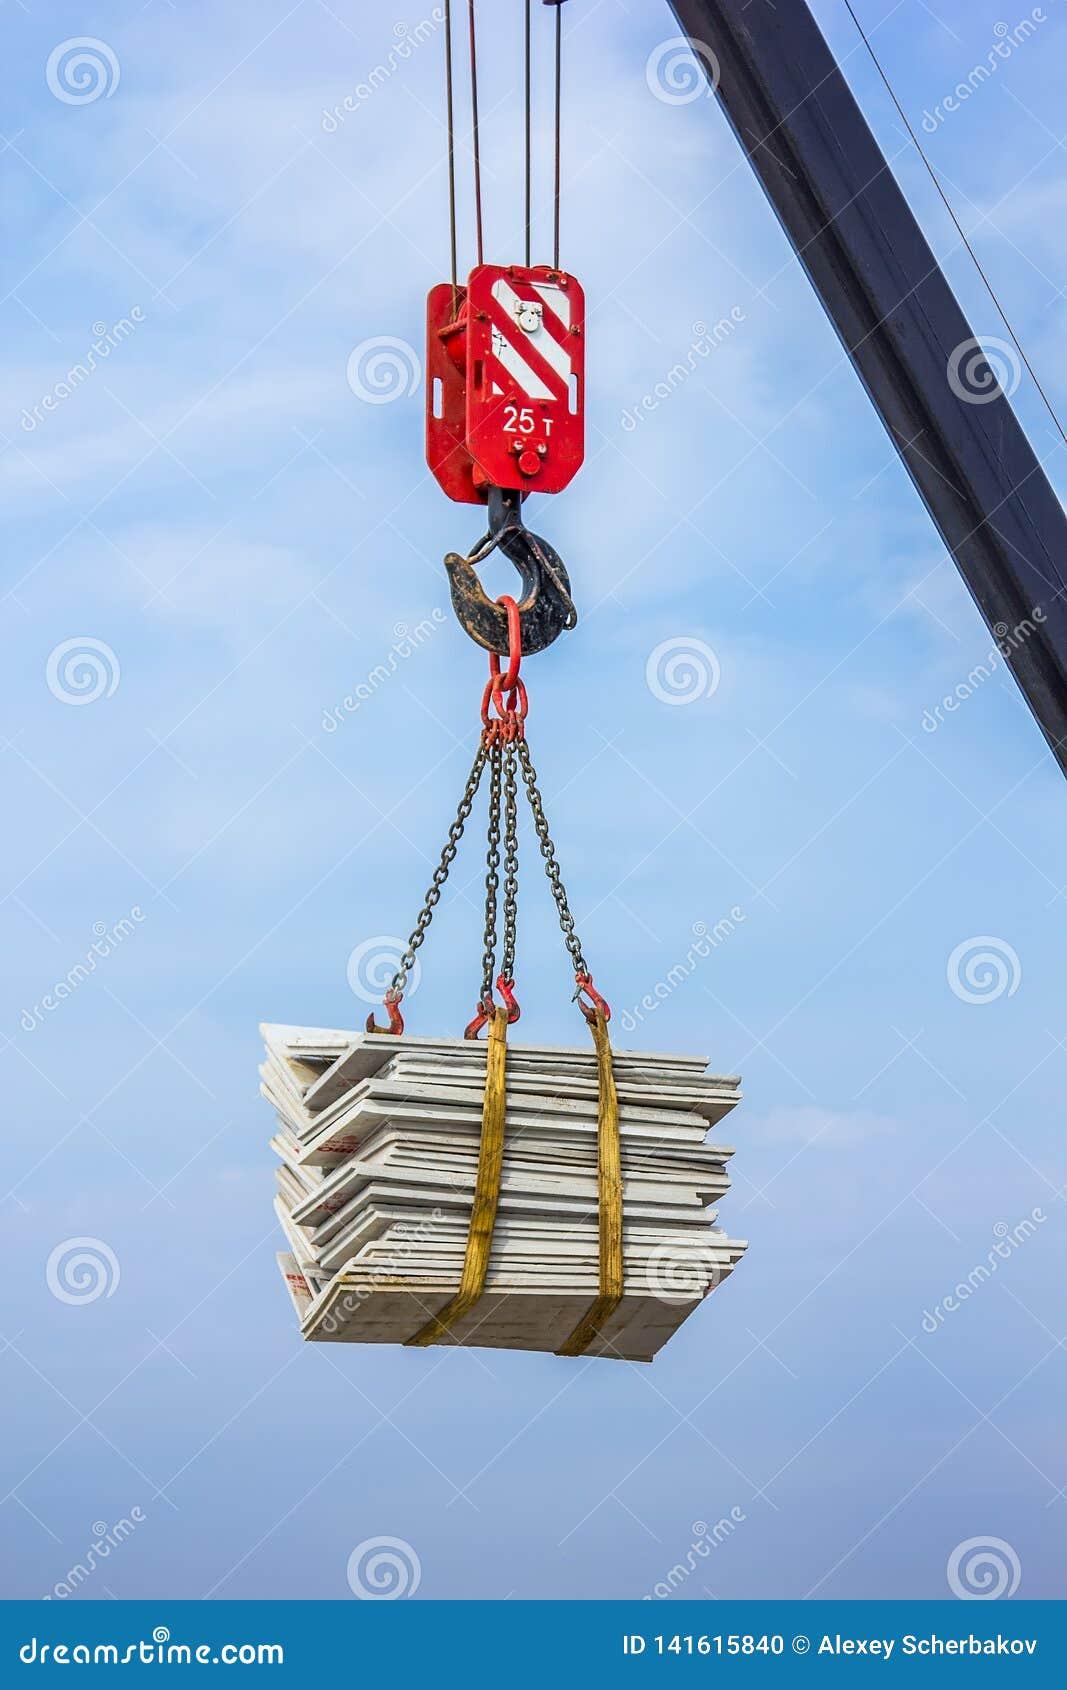 La grúa levanta una carga pesada en un gancho